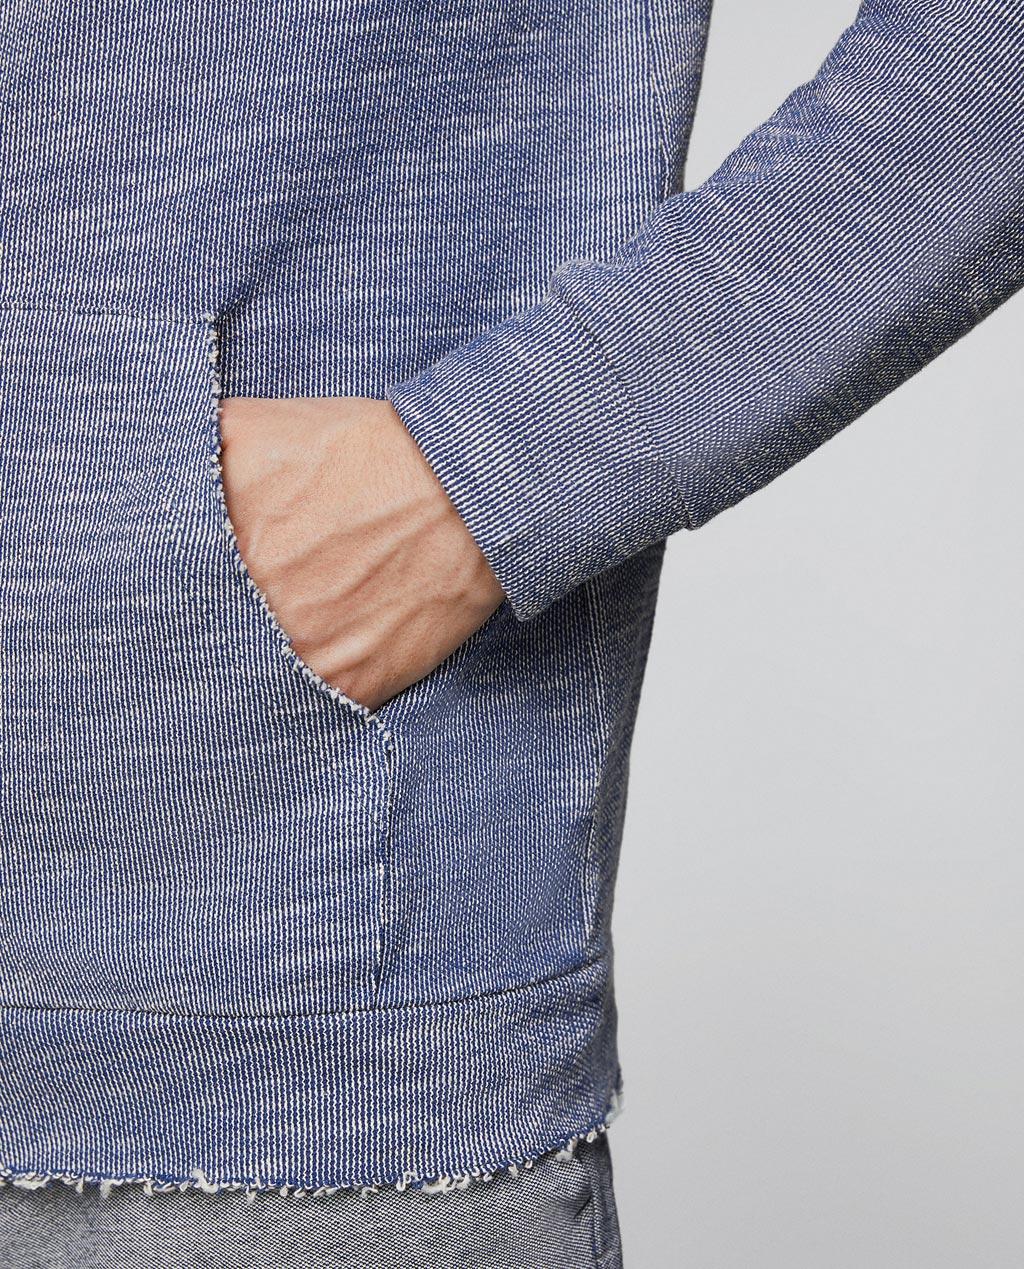 Thời trang nam Zara  23921 - ảnh 7